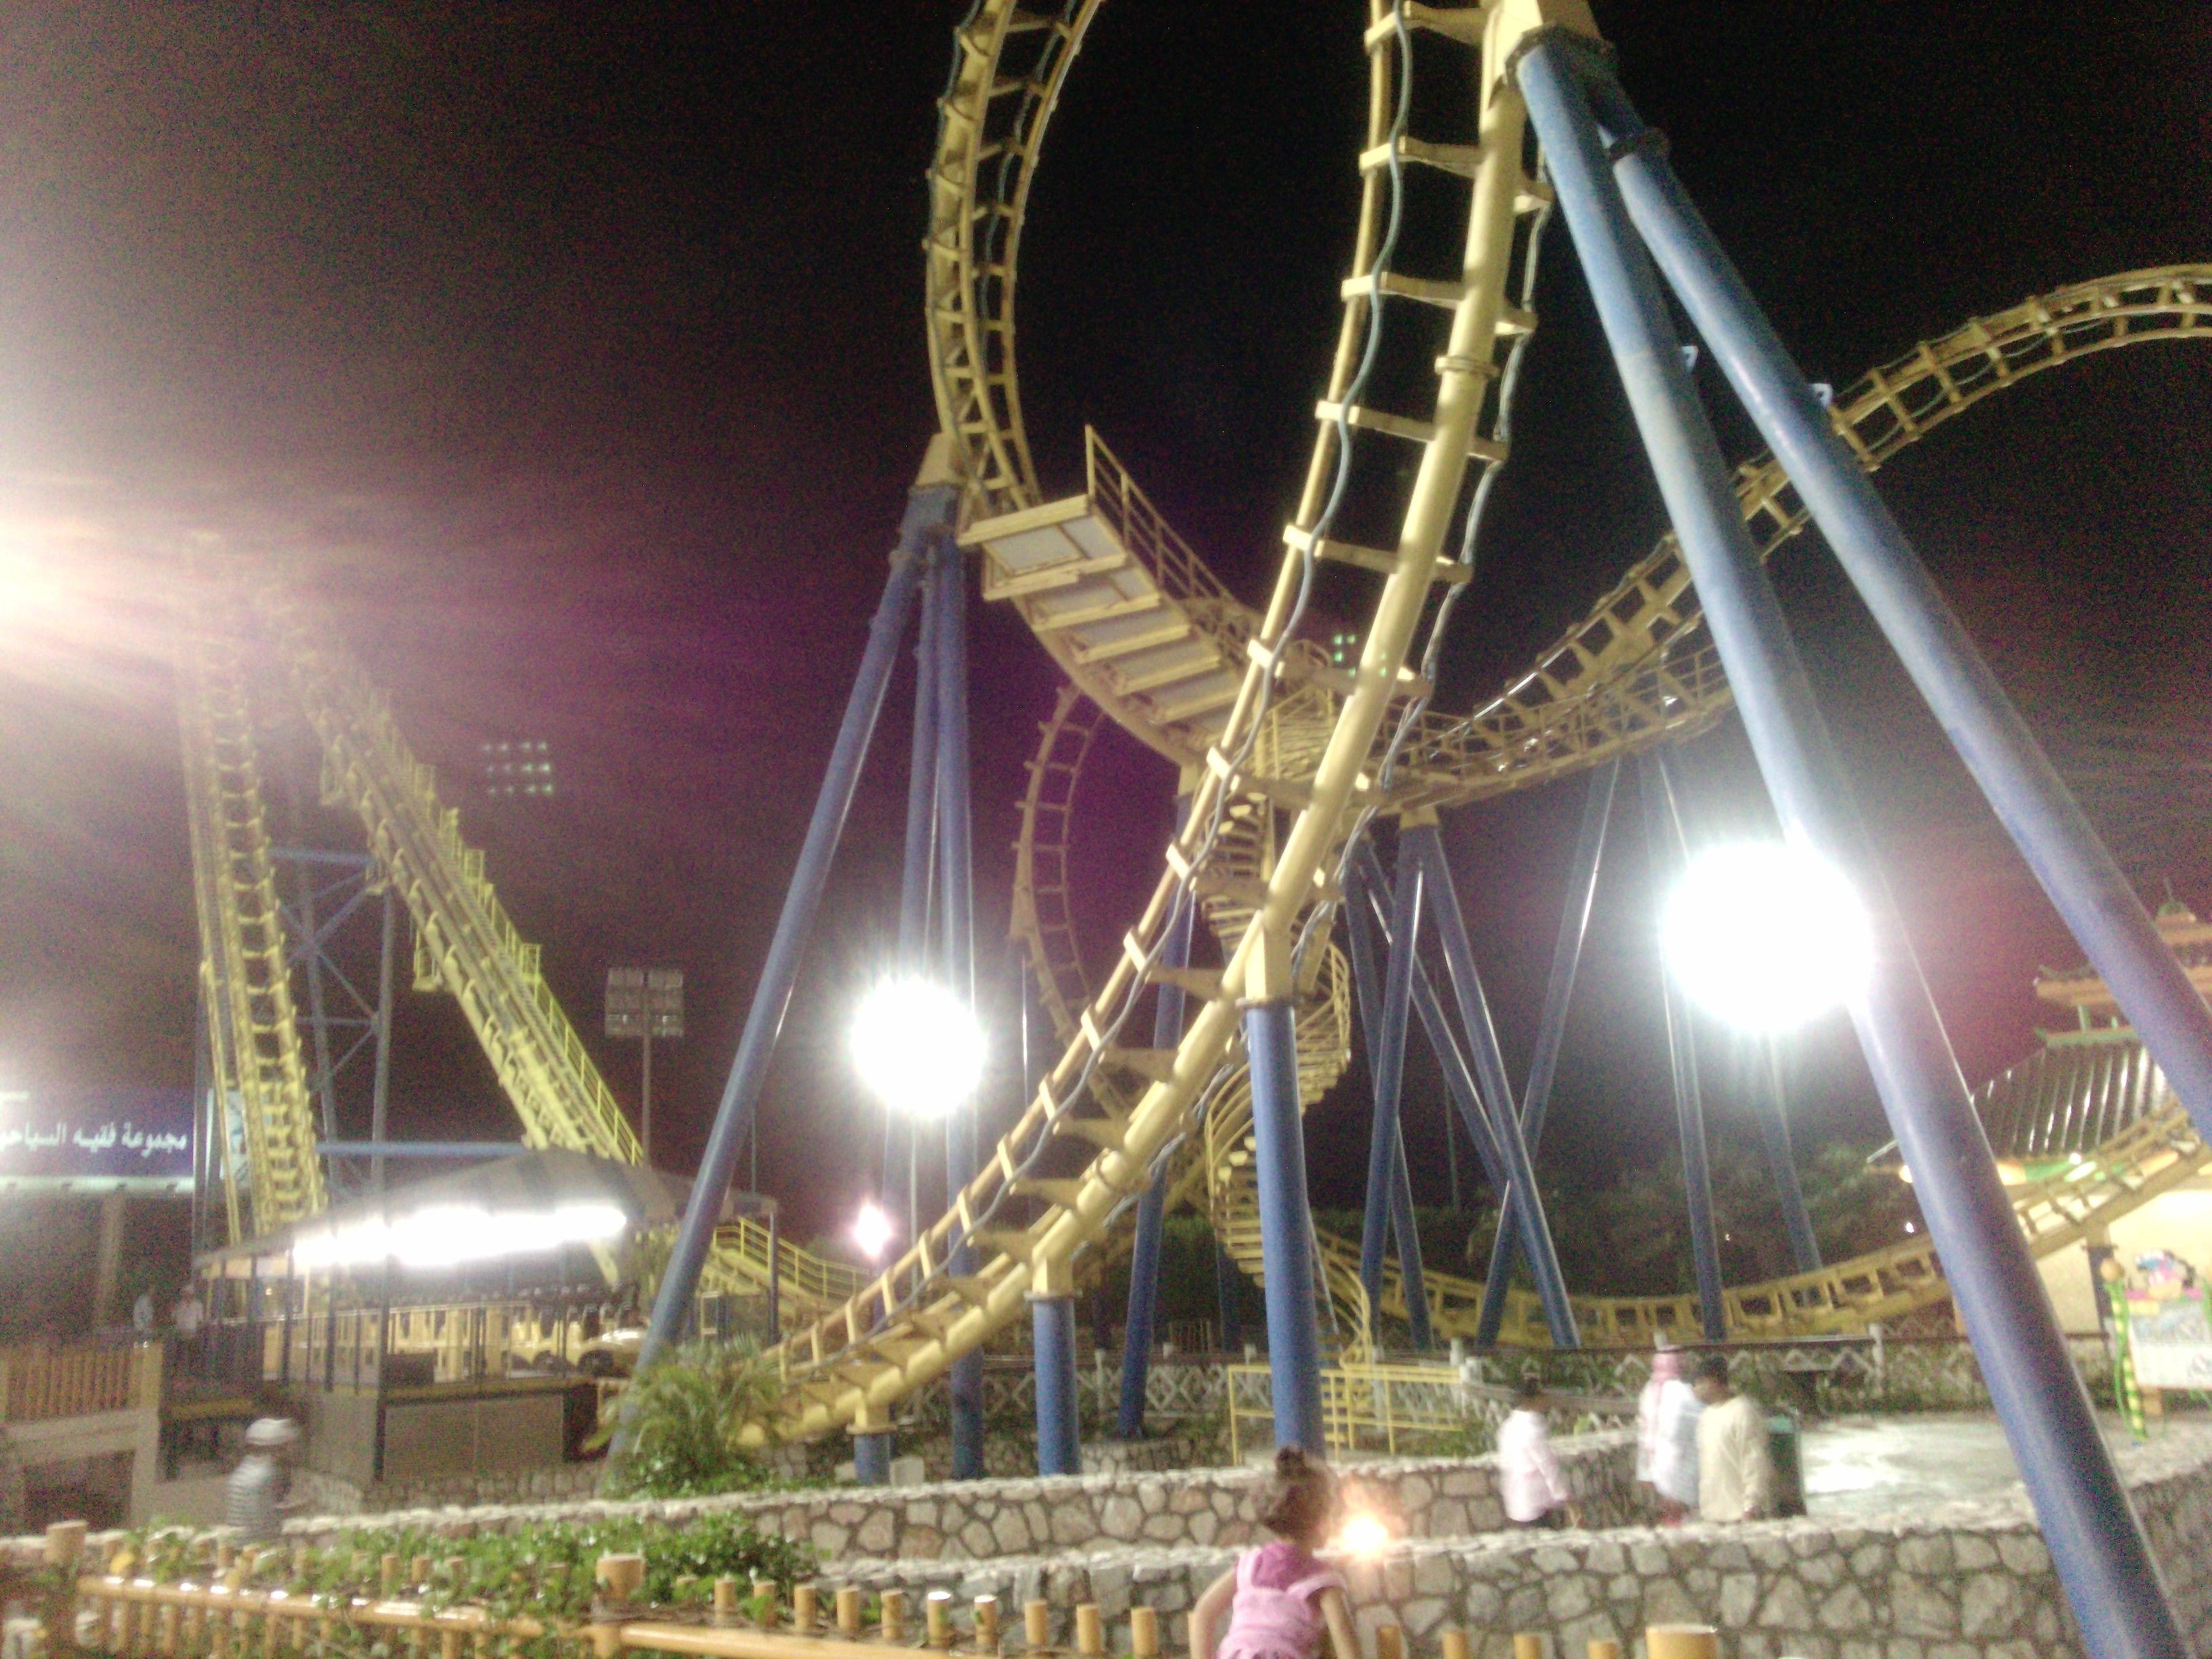 Al Shallal Theme Park Theme Park Jeddah Park